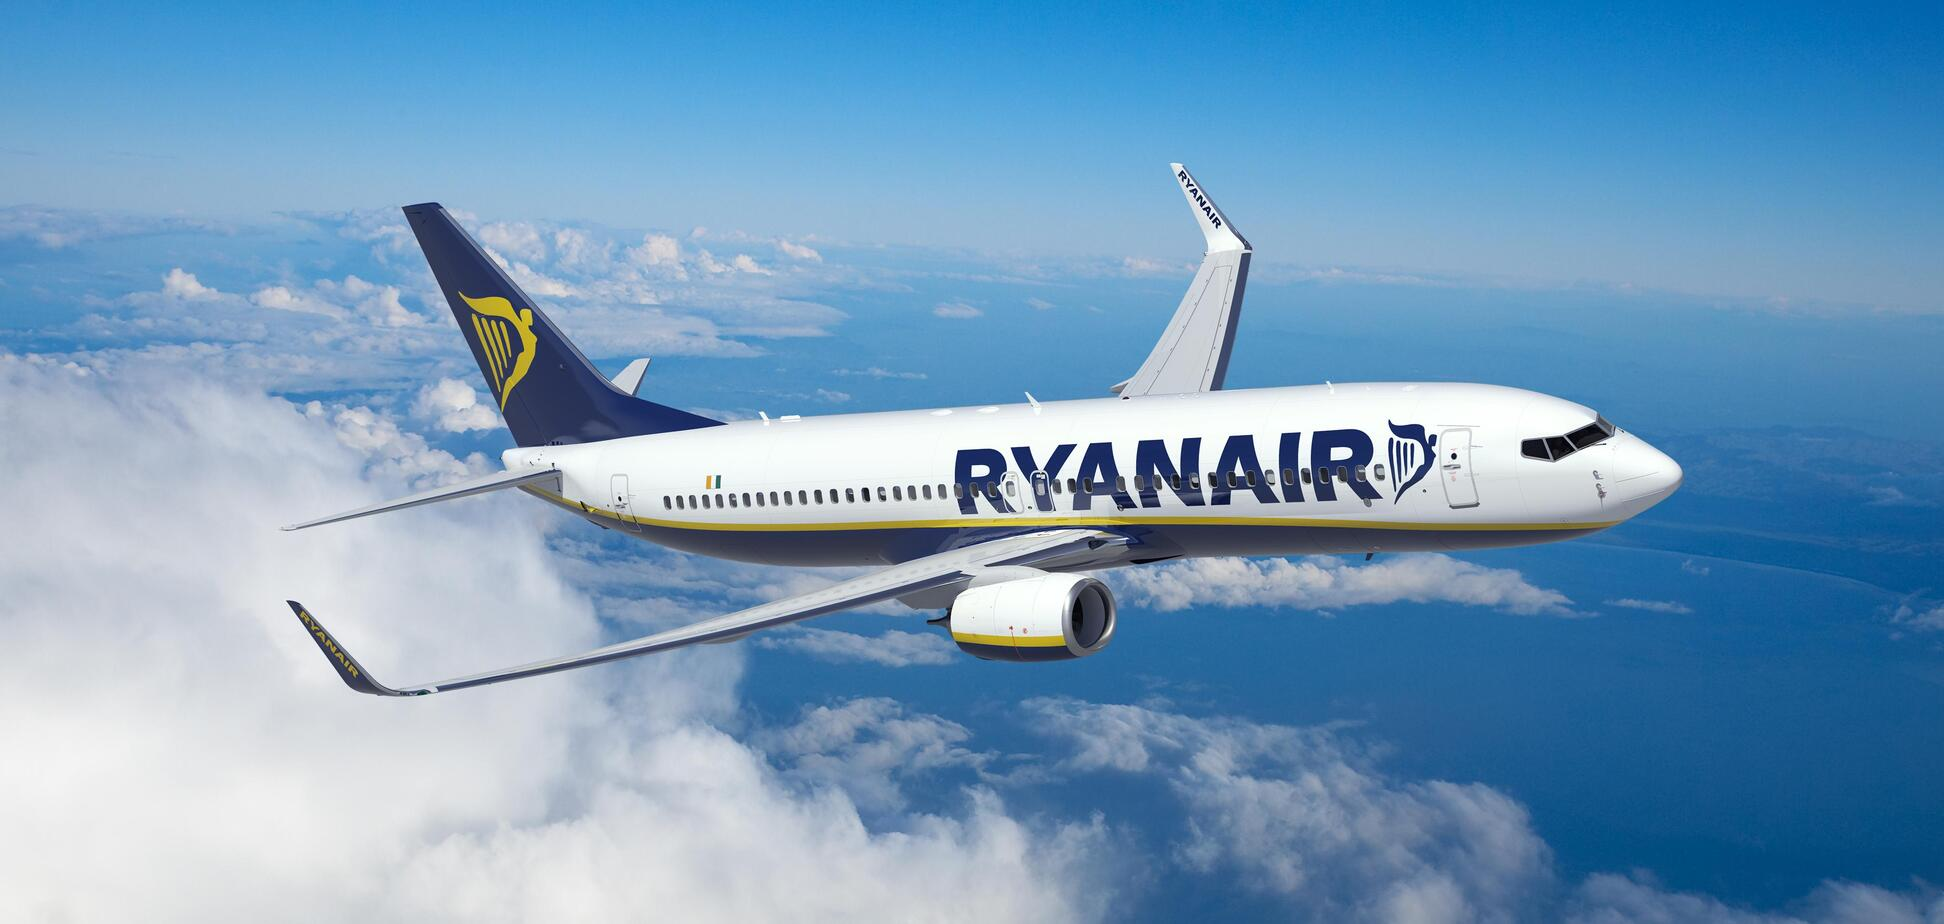 Не підходить Україні? Спливли нові деталі епопеї з Ryanair і 'Борисполем'